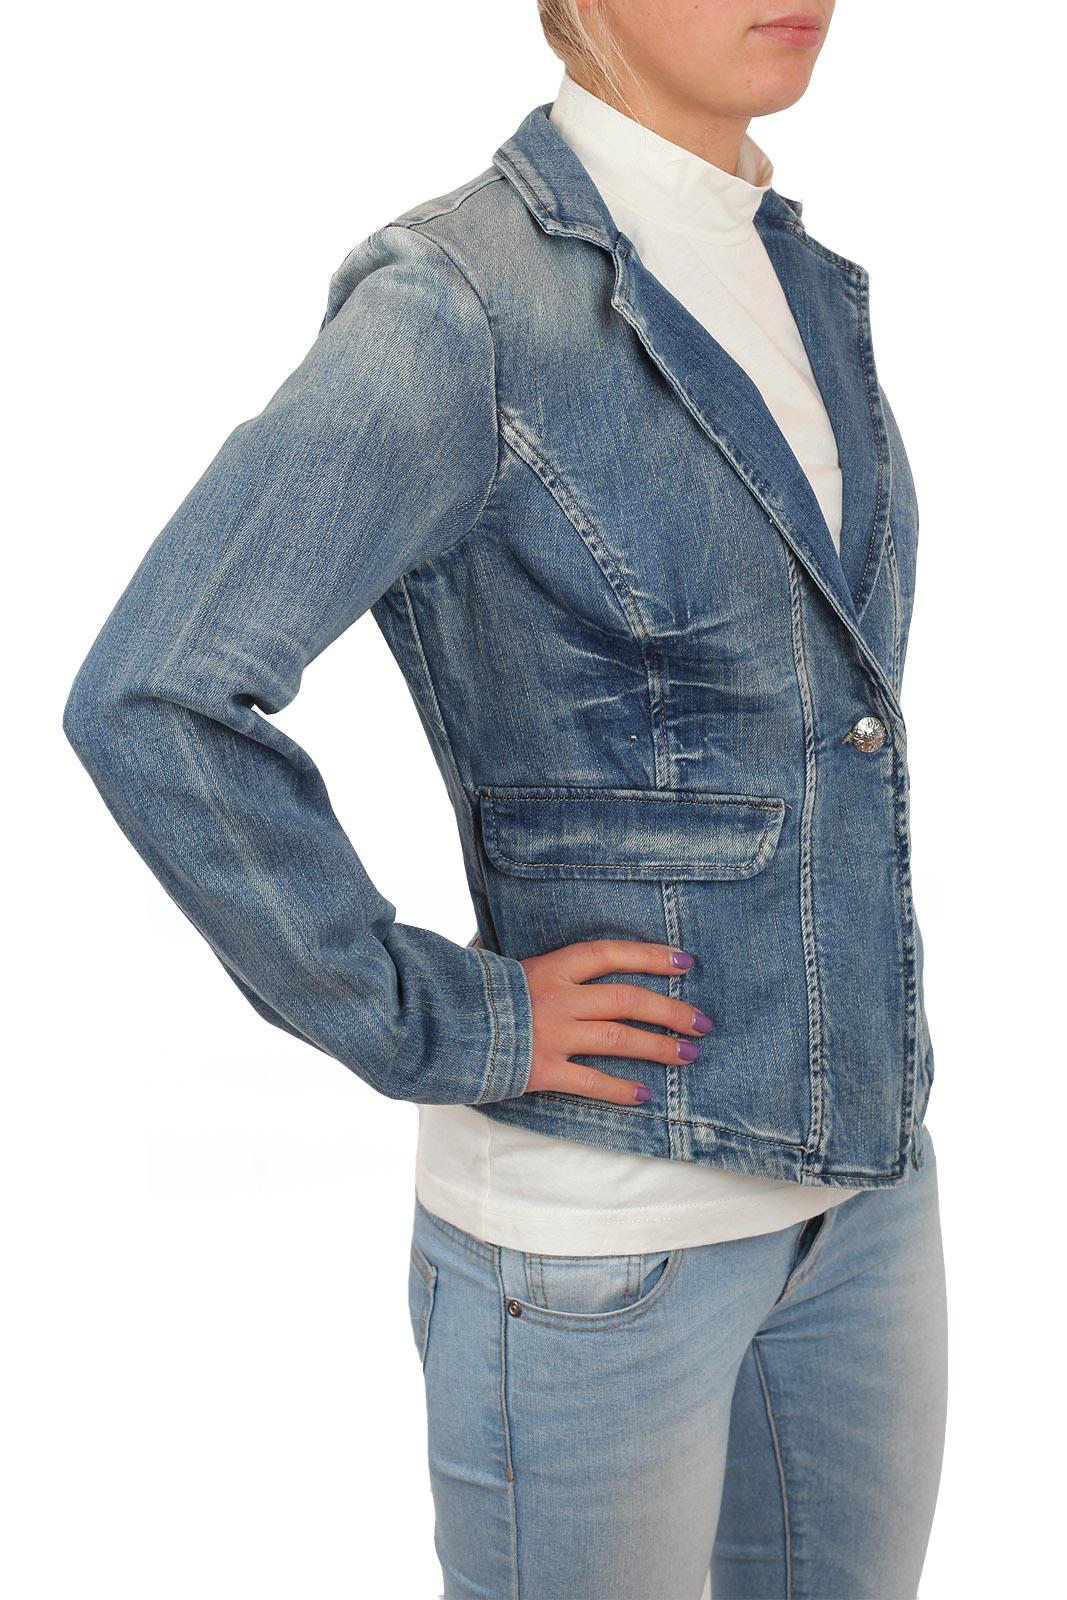 Джинсовый женский пиджак B.G. Приталенная модель из коллекции Haute couture. Двубортная модель подойдет и к строгому платью, и к брюкам